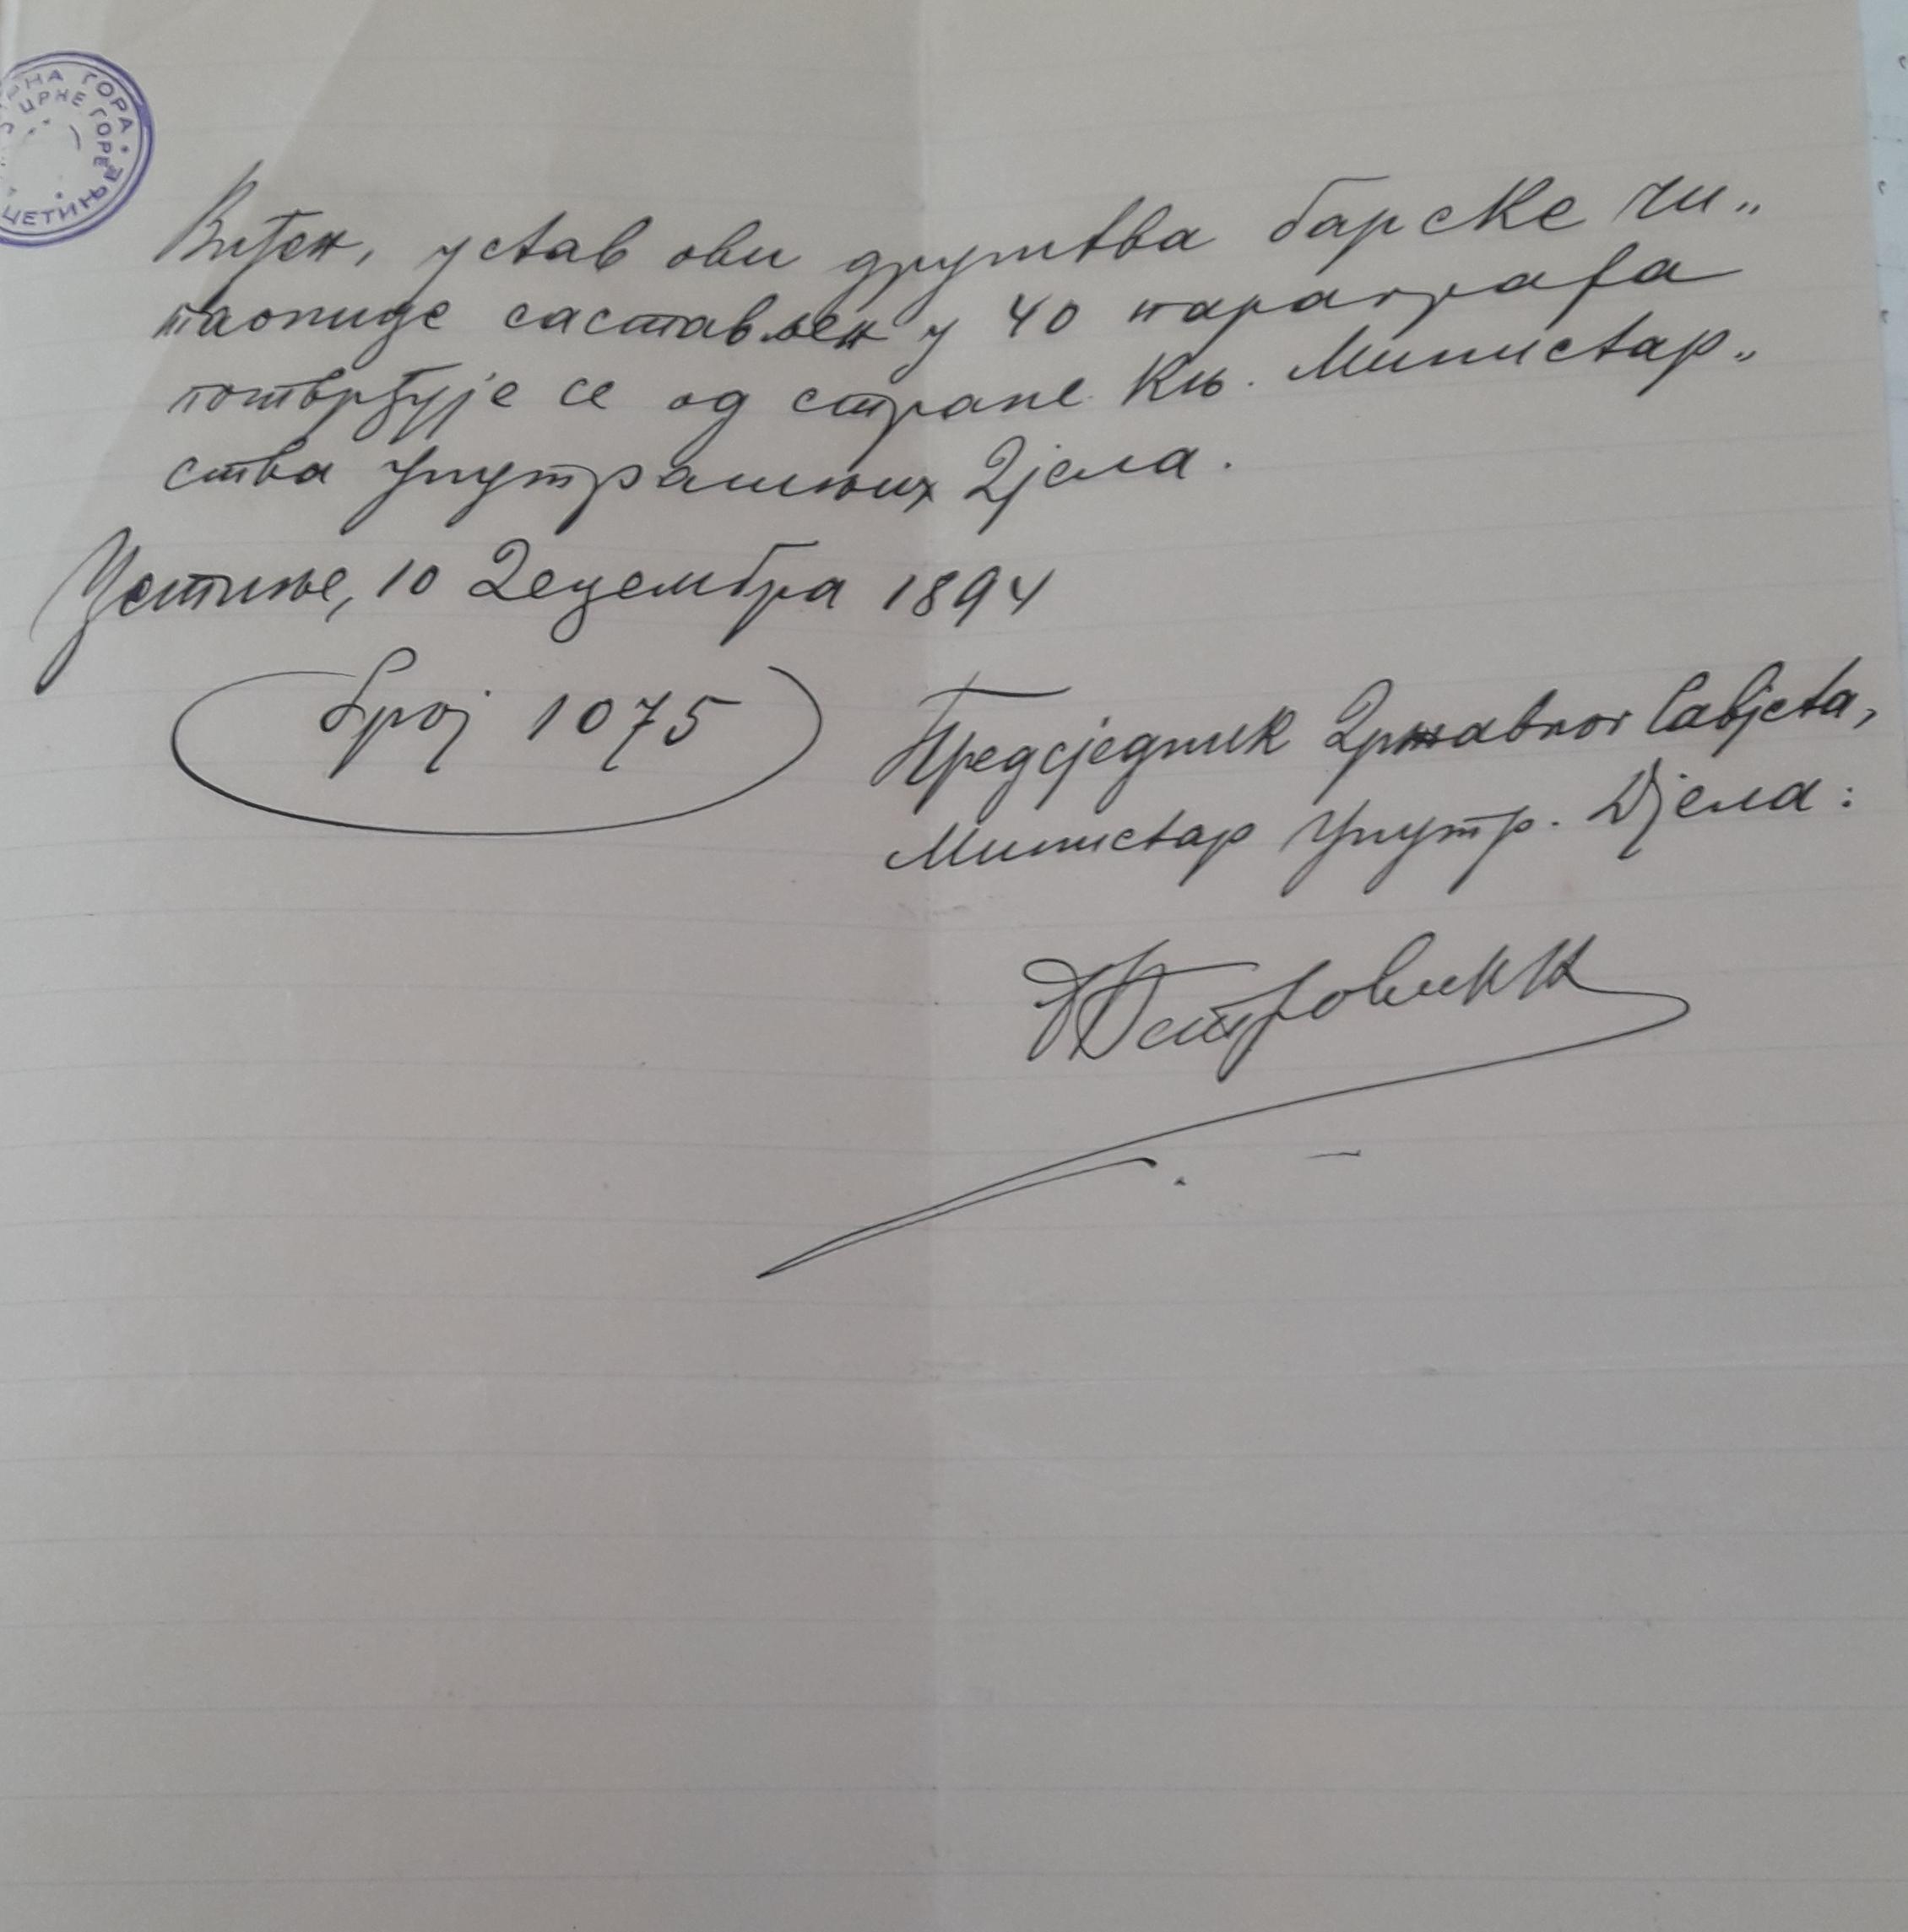 3. Odobrenje Statuta Barske čitaonice od strane Ministarstva , 10.12.1894. godine